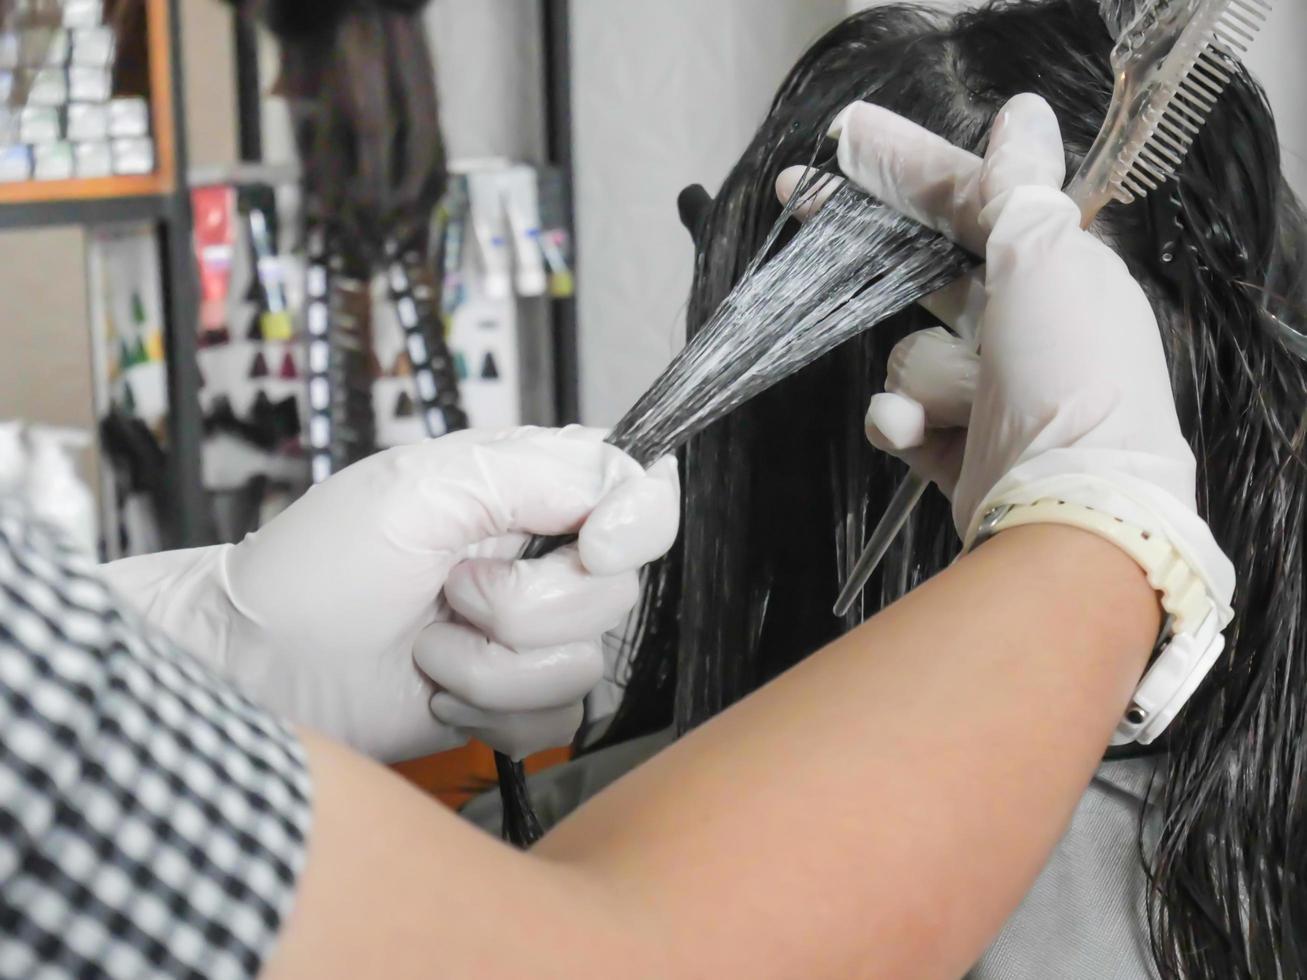 parrucchiere professionista colorazione capelli in salone foto